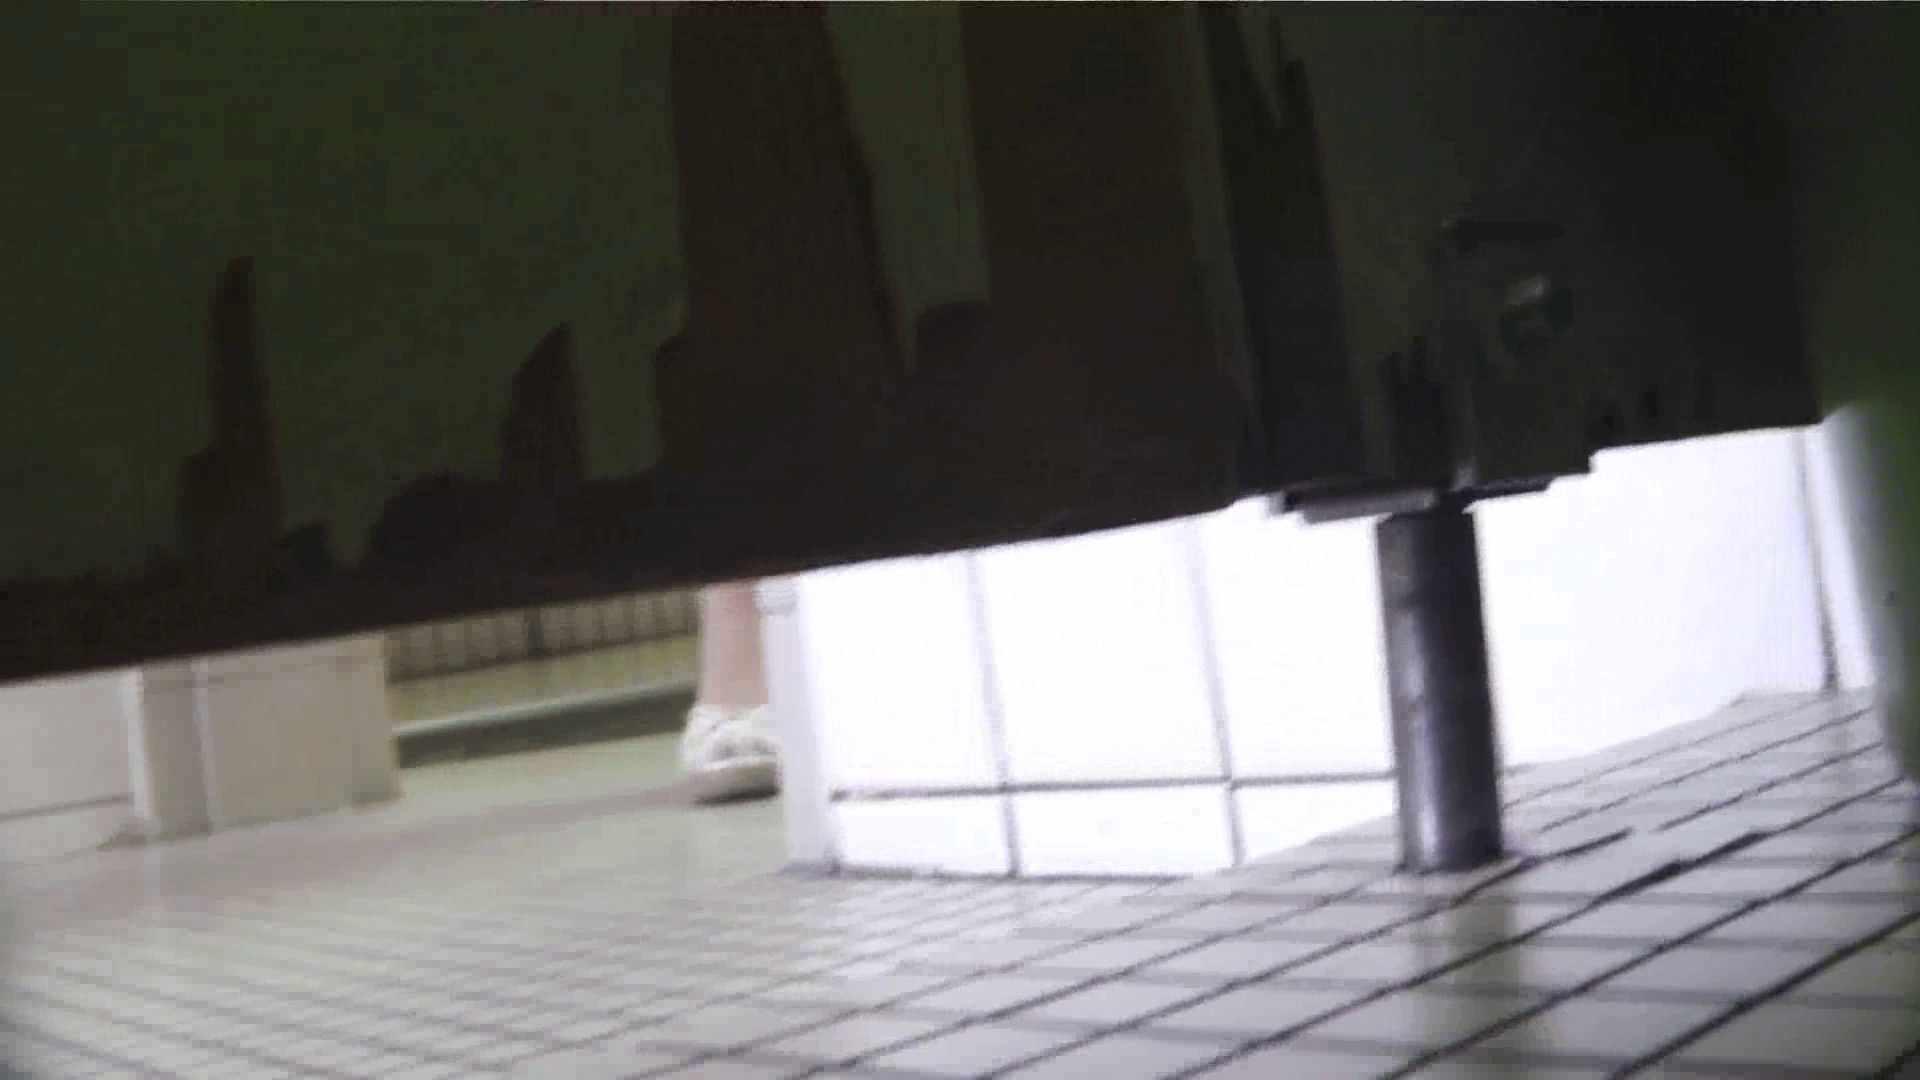 【美しき個室な世界】 vol.025 メガネ属性ヾ(´∀`)ノ 高評価  112PIX 108